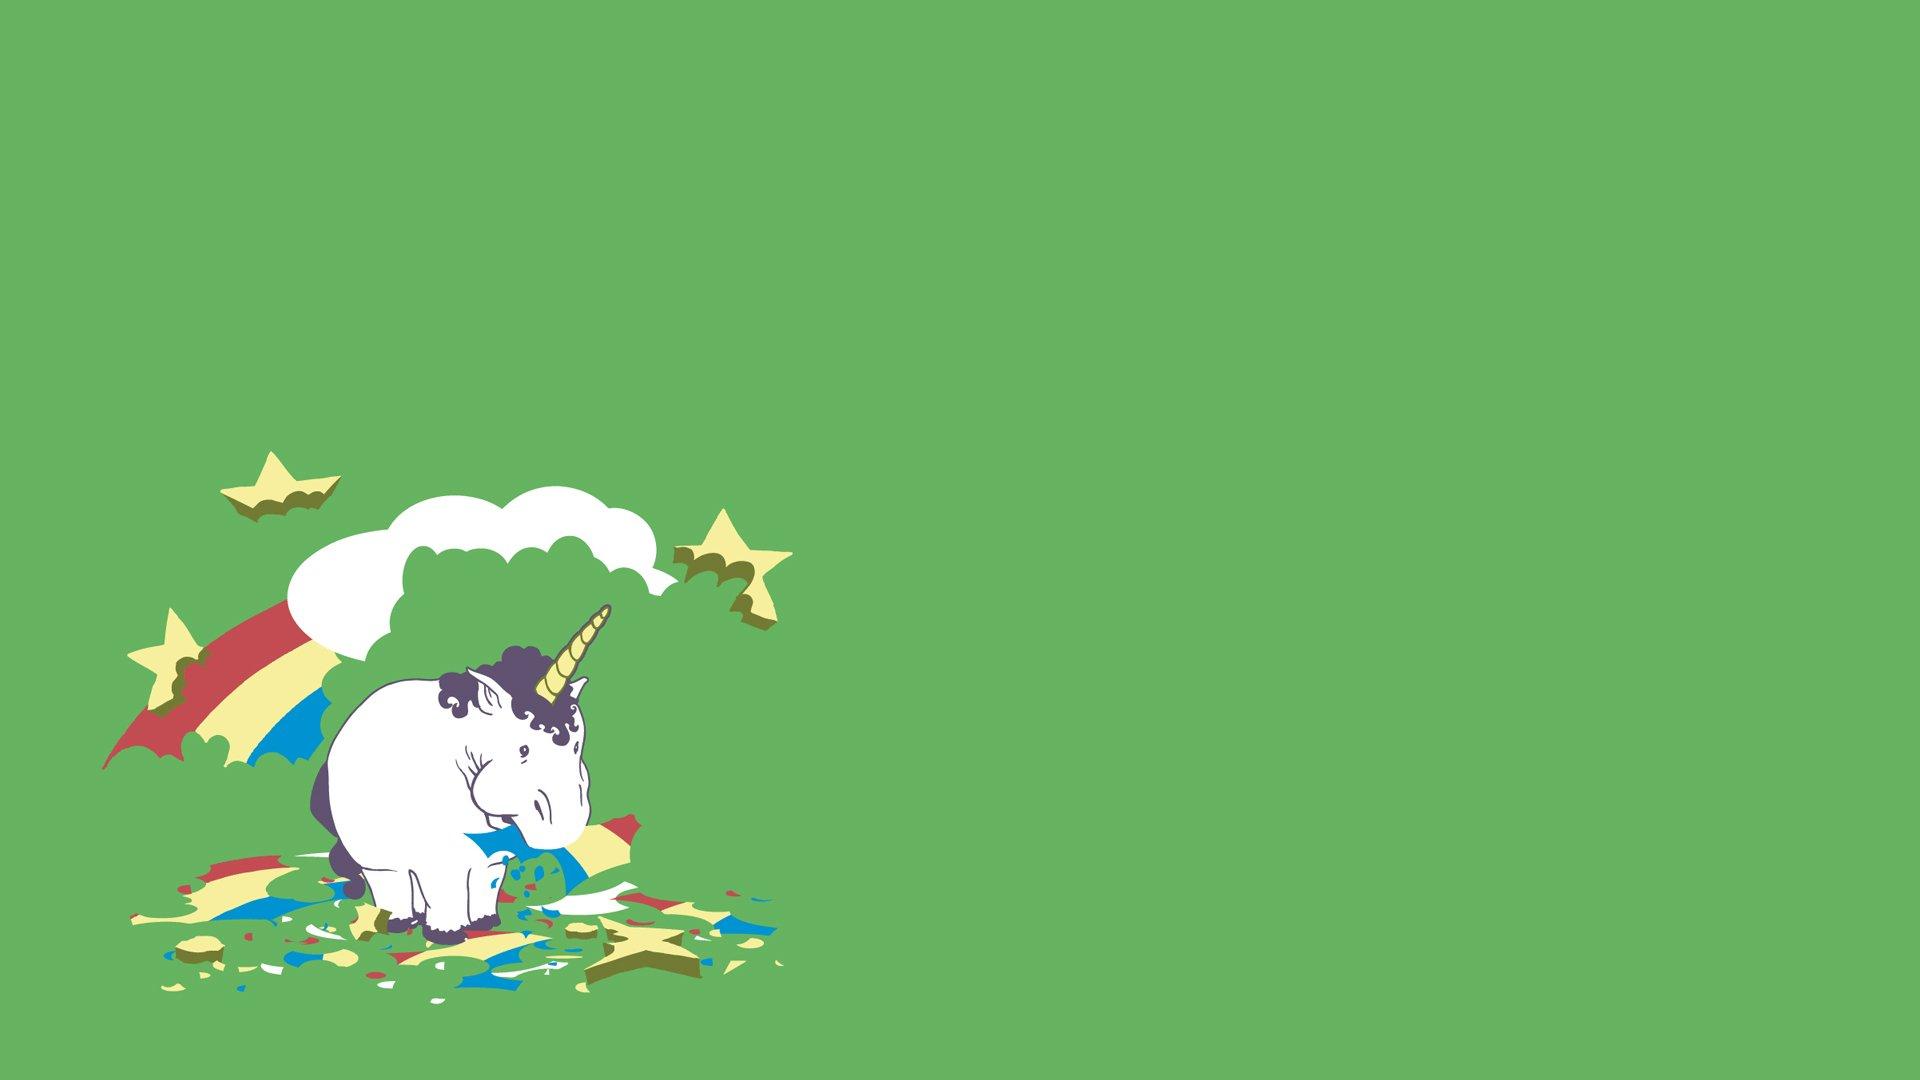 Unicorn background 3